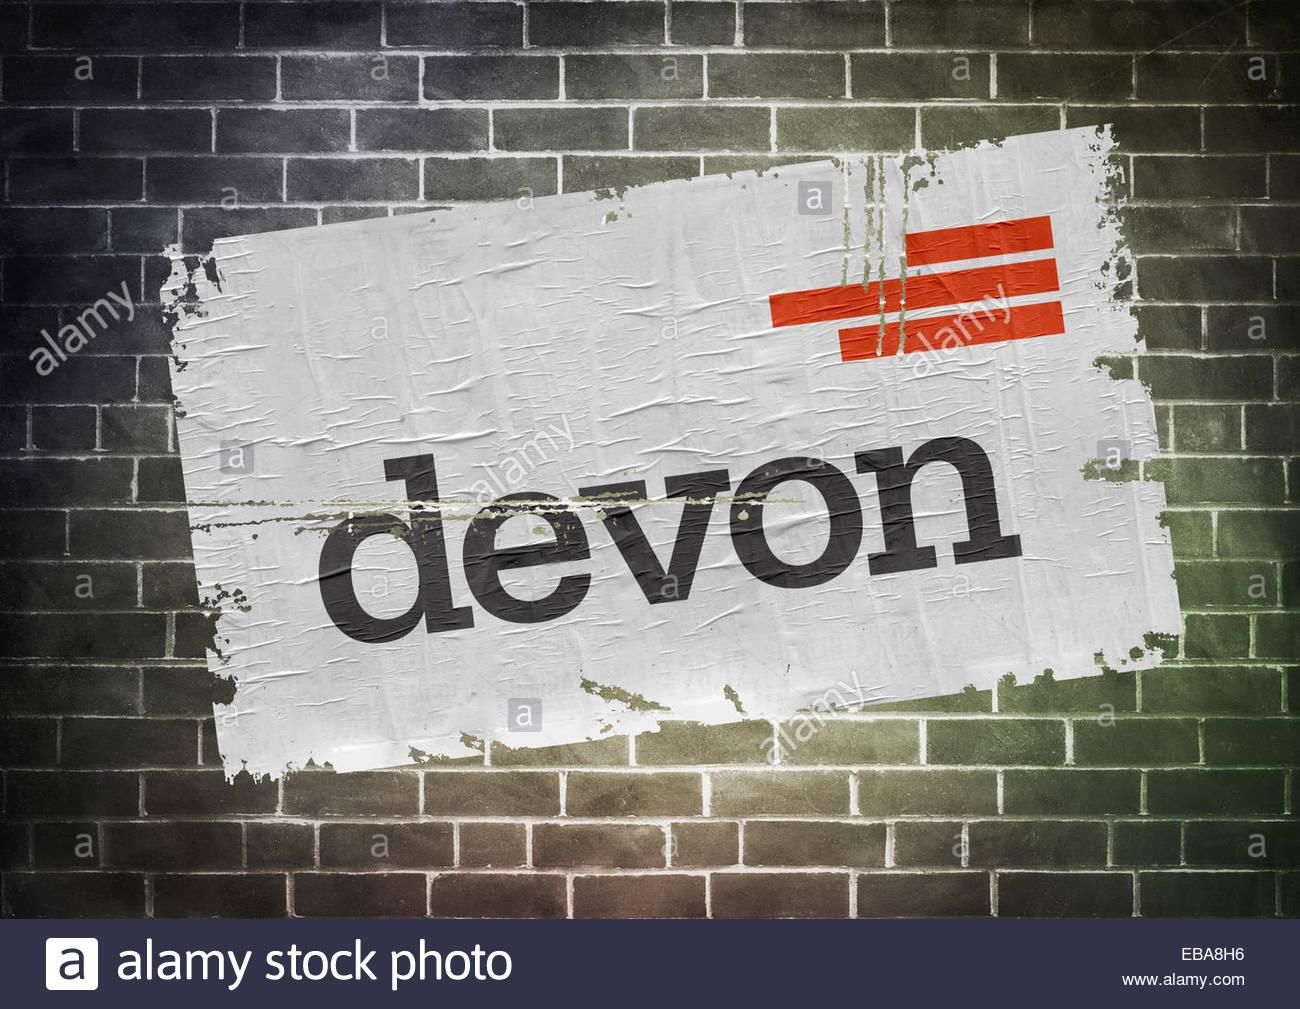 Devon Energy fracking póster icono del logotipo de la compañía Imagen De Stock